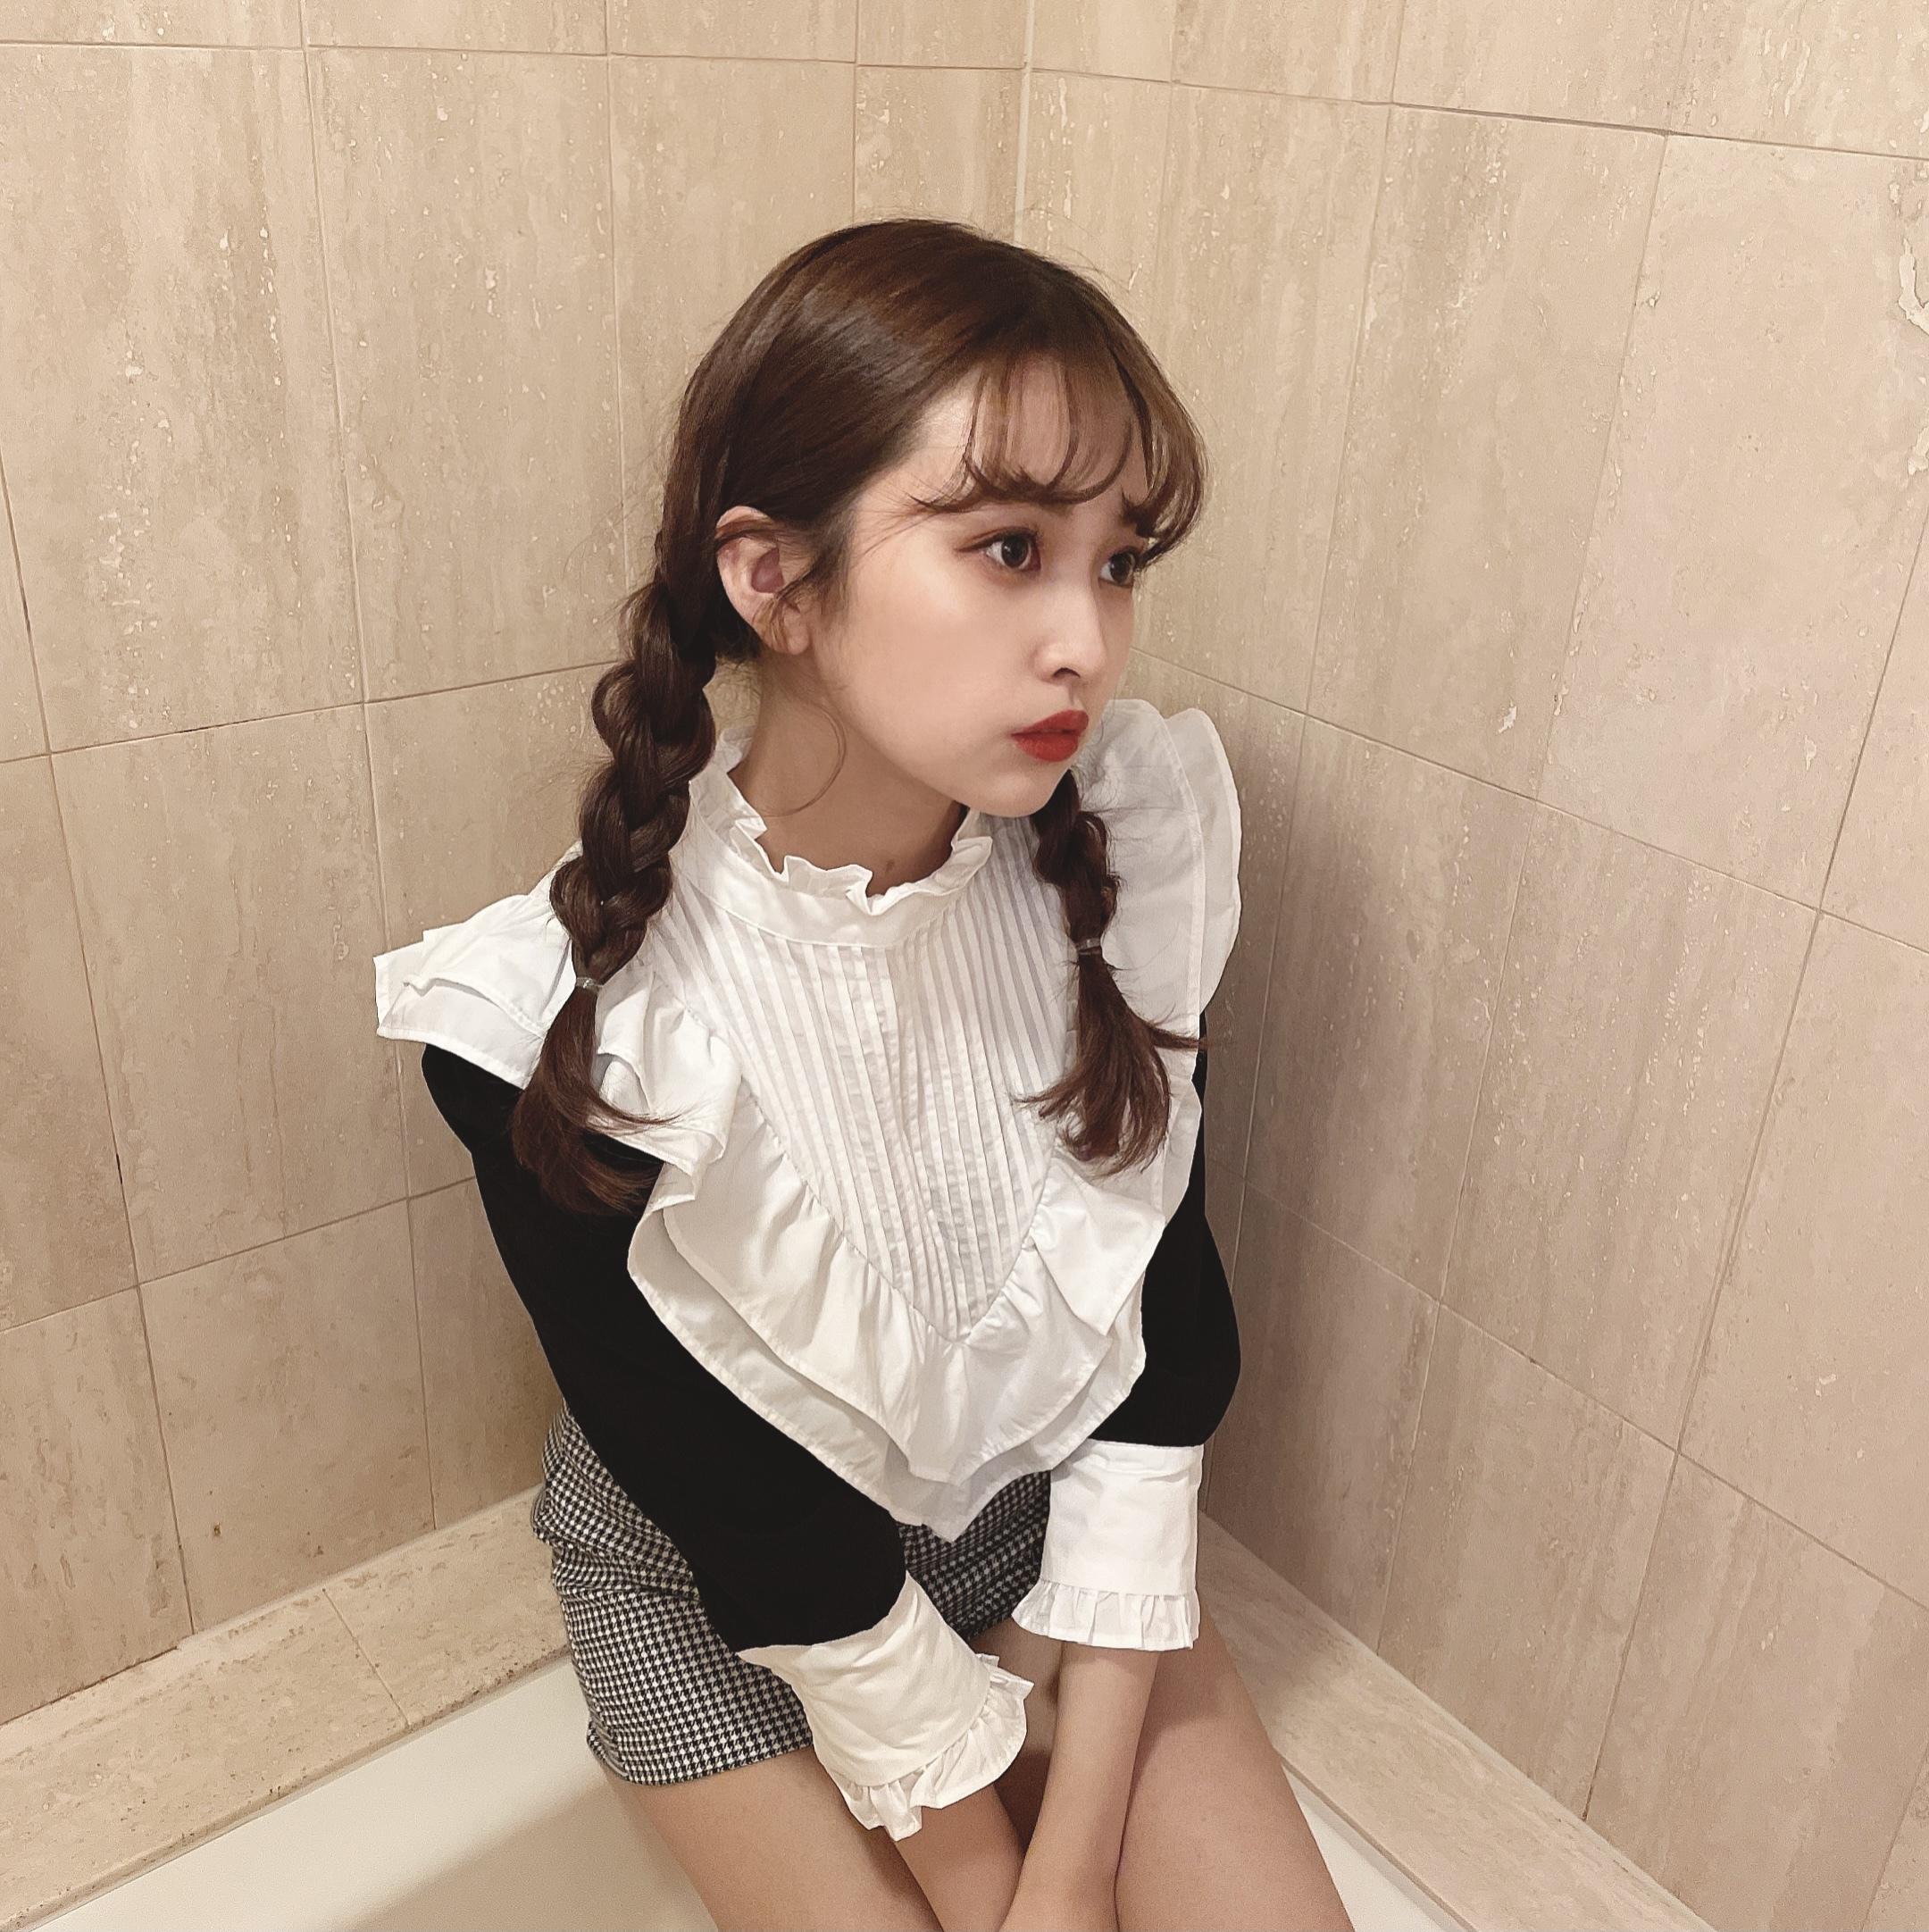 【Désir original】parfait docking blouse